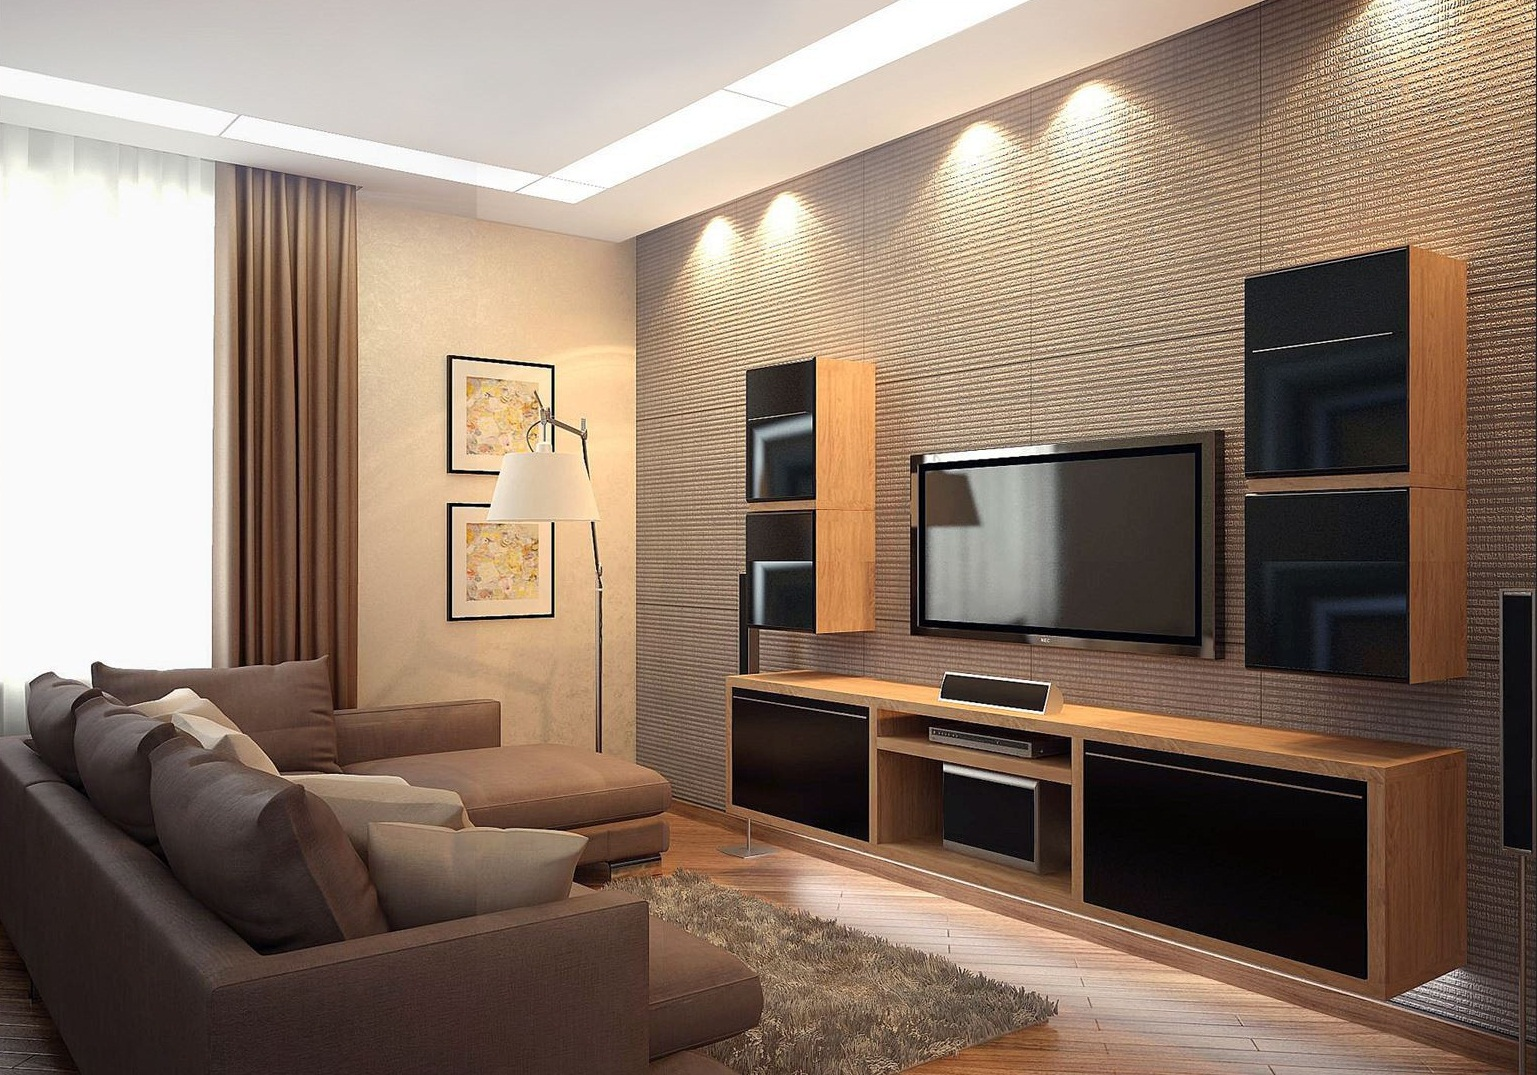 мясом фотографии гостиных комнат в квартире догадаются